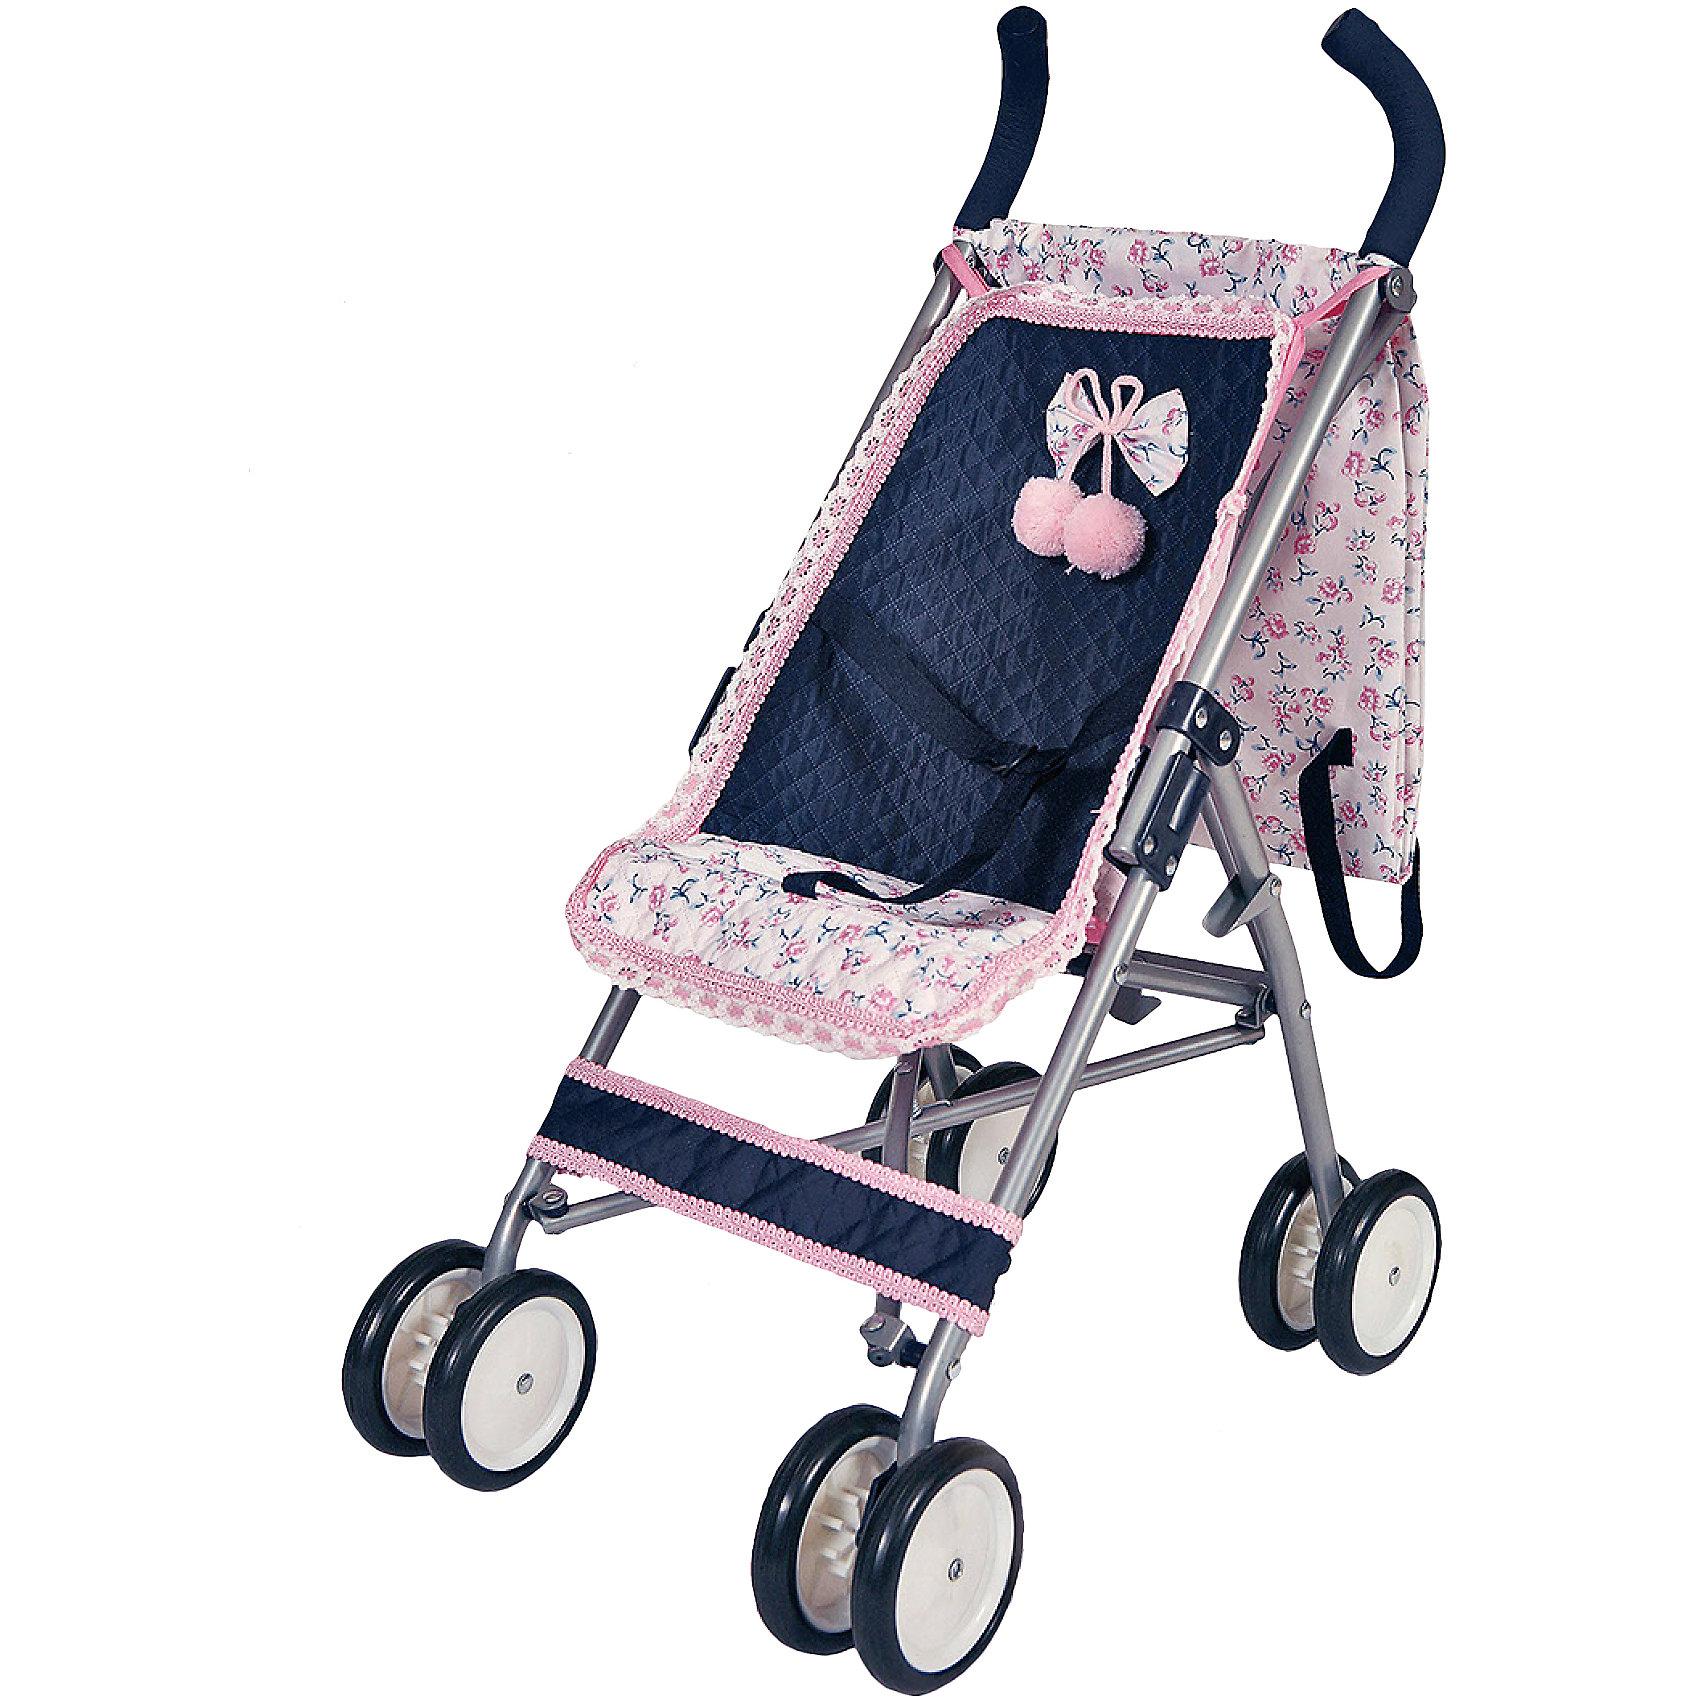 Коляска трость, Романтик, с чехлом, 68 см, DeCuevasЛегкая складная коляска-трость очень компактная и удобная в эксплуатации, <br> Рама коляски сделана из облегченного металла, ручки из прочного пластика. Коляска оборудована ремнями безопасности.<br> Классический стиль- темно-синий цвет коляски с нежными оборками розового цвета и изумительным бантиком позволит ребенку быть самым оригинальным и модным. В коплекте чехол для переноски коляски<br><br>Ширина мм: 25<br>Глубина мм: 80<br>Высота мм: 15<br>Вес г: 2270<br>Возраст от месяцев: 36<br>Возраст до месяцев: 2147483647<br>Пол: Женский<br>Возраст: Детский<br>SKU: 5032894